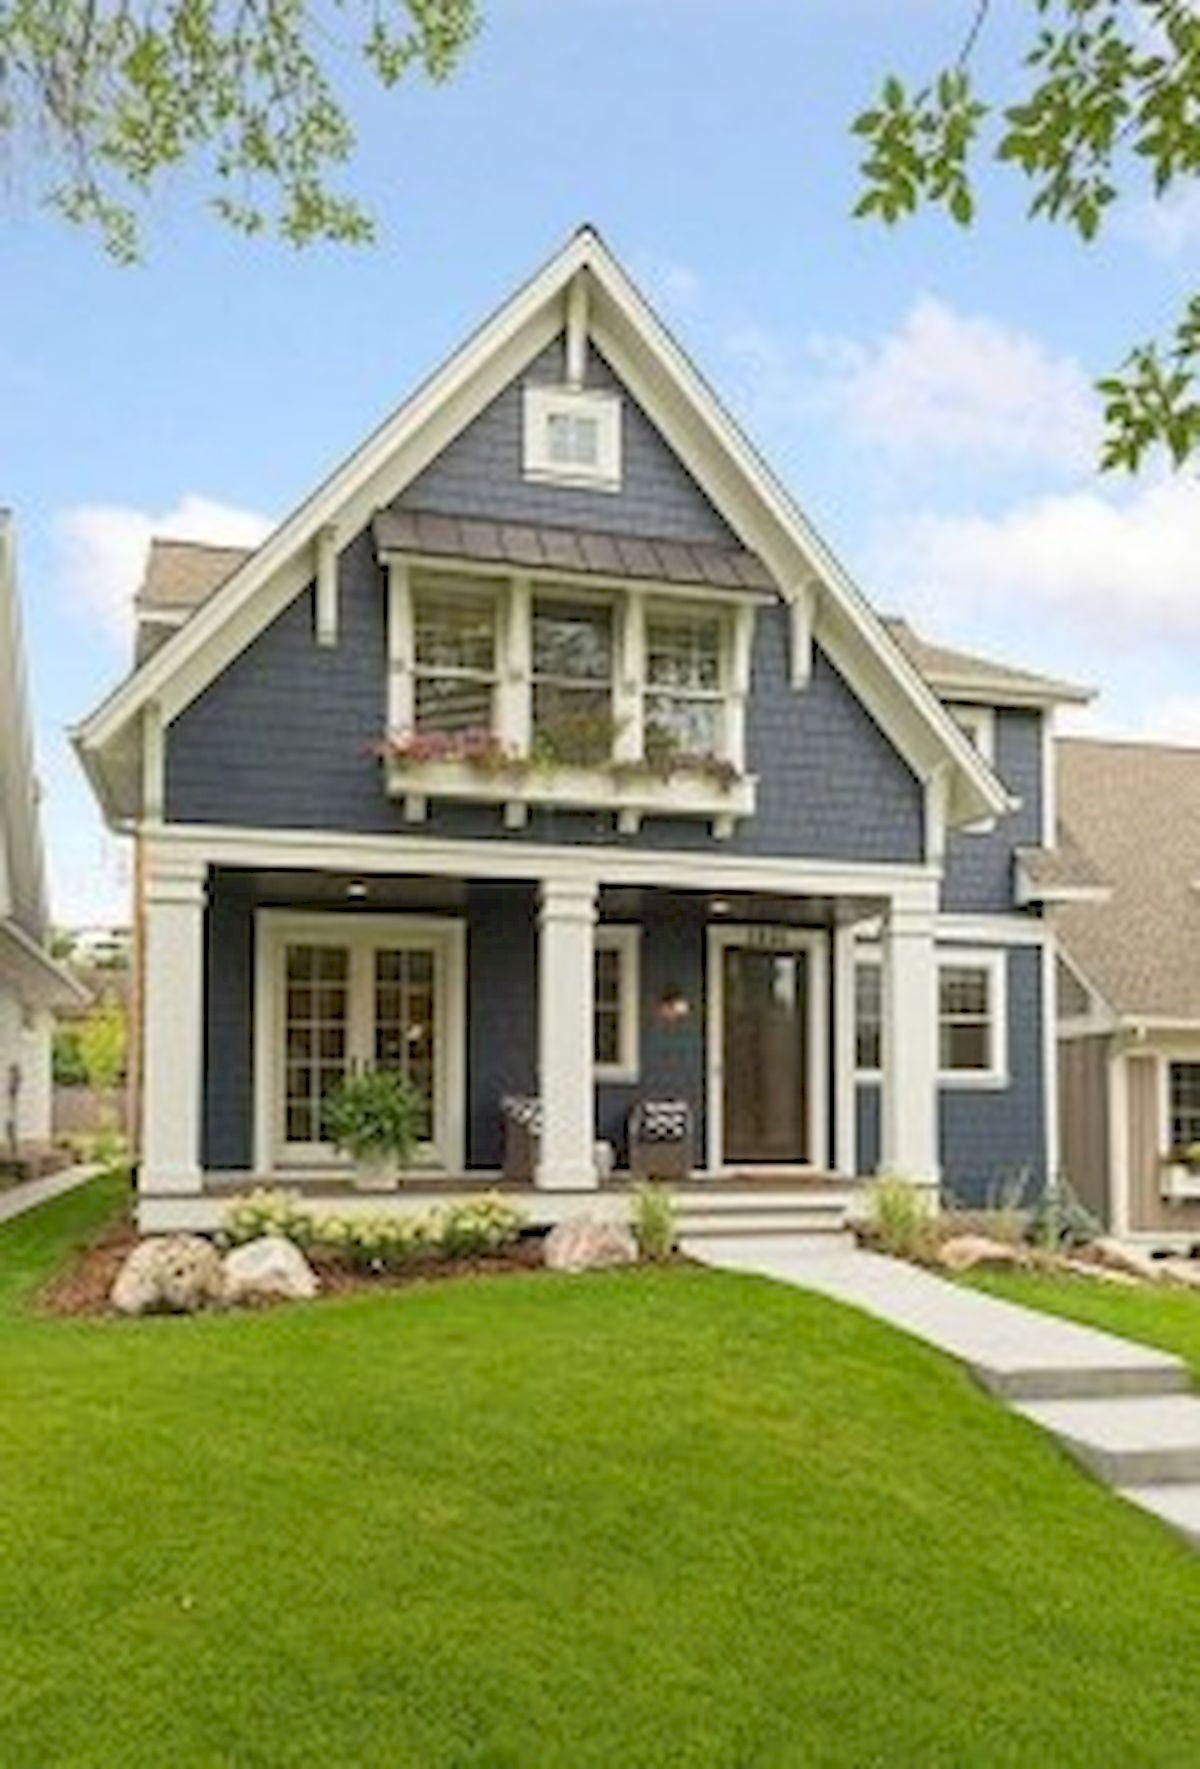 46 Awesome Farmhouse Home Exterior Design Ideas (38)